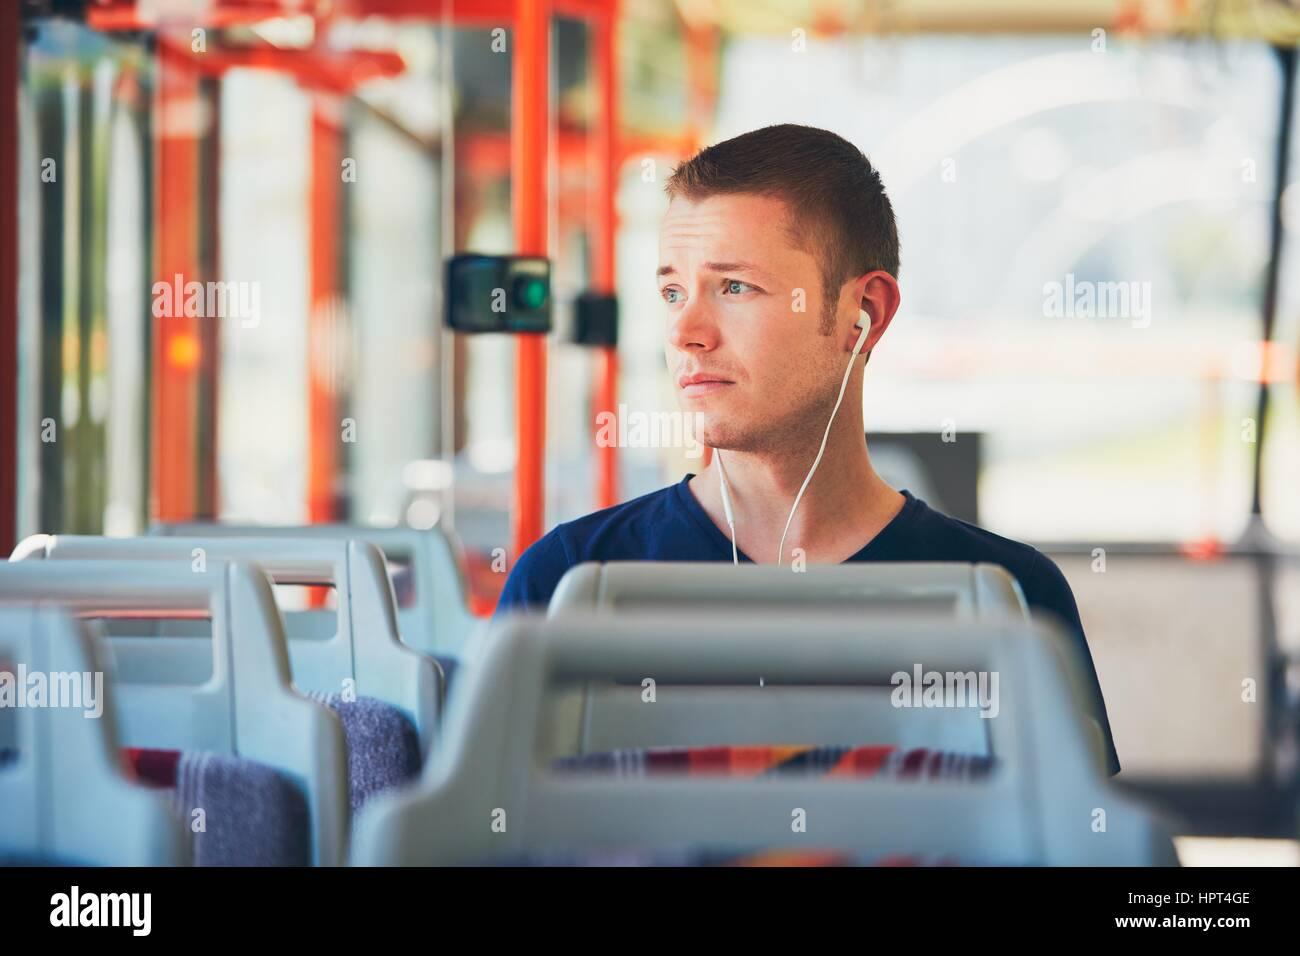 Jeune homme triste se déplace en tram (bus). La vie quotidienne et se rendre au travail en transports publics. Photo Stock